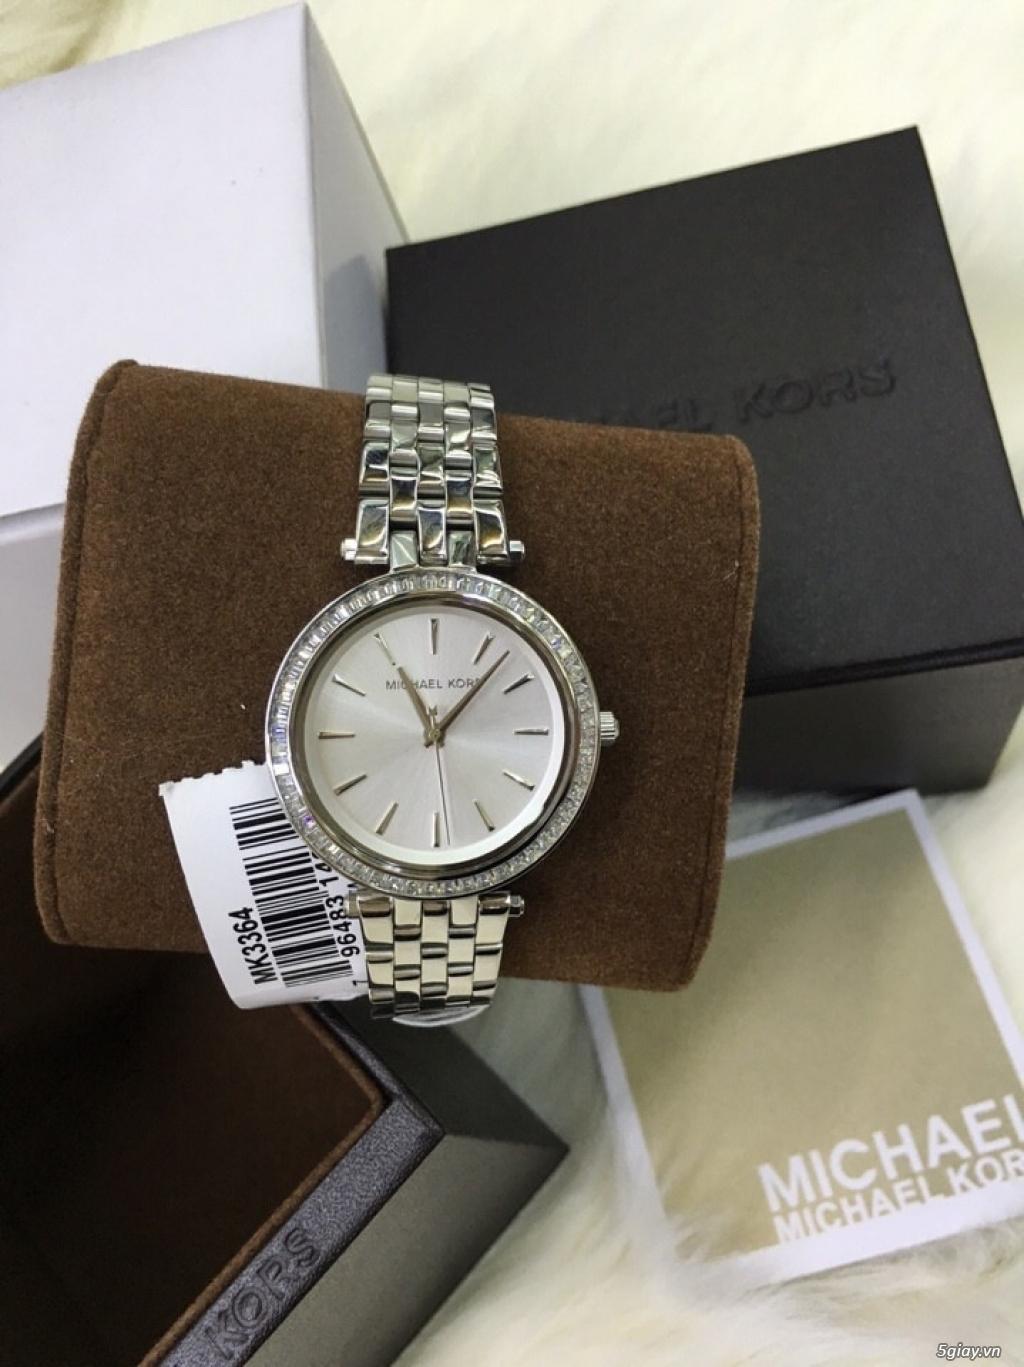 Đồng hồ chính hãng Michael Kors giá rẻ - 16